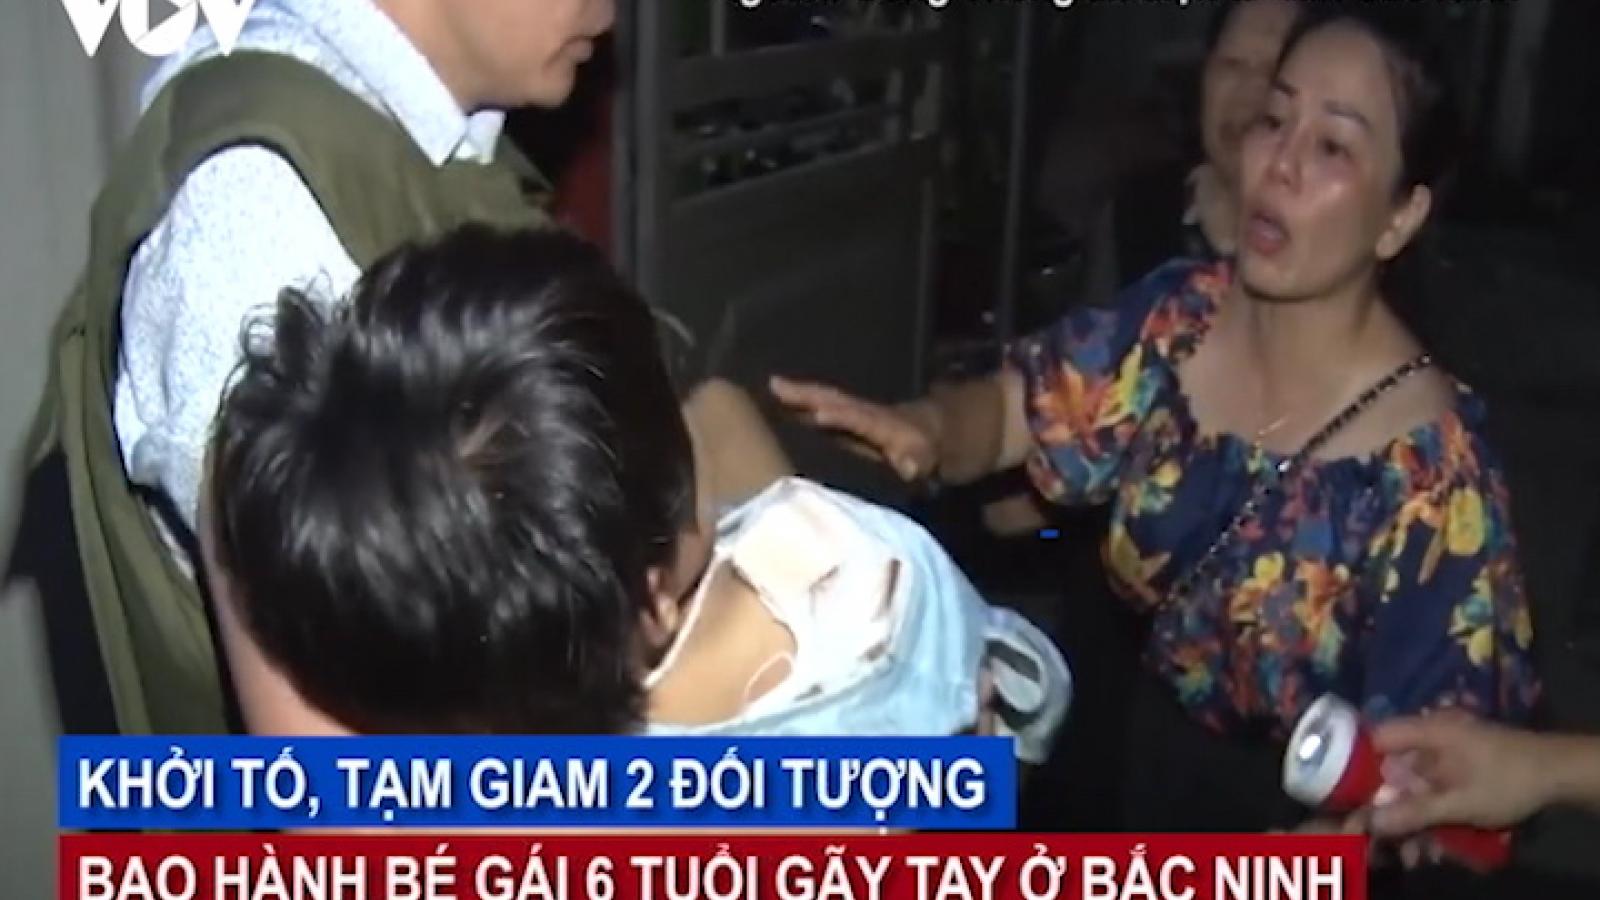 Bắc Ninh: Tạm giam bố đẻ bạo hành con gái 6 tuổi gãy tay